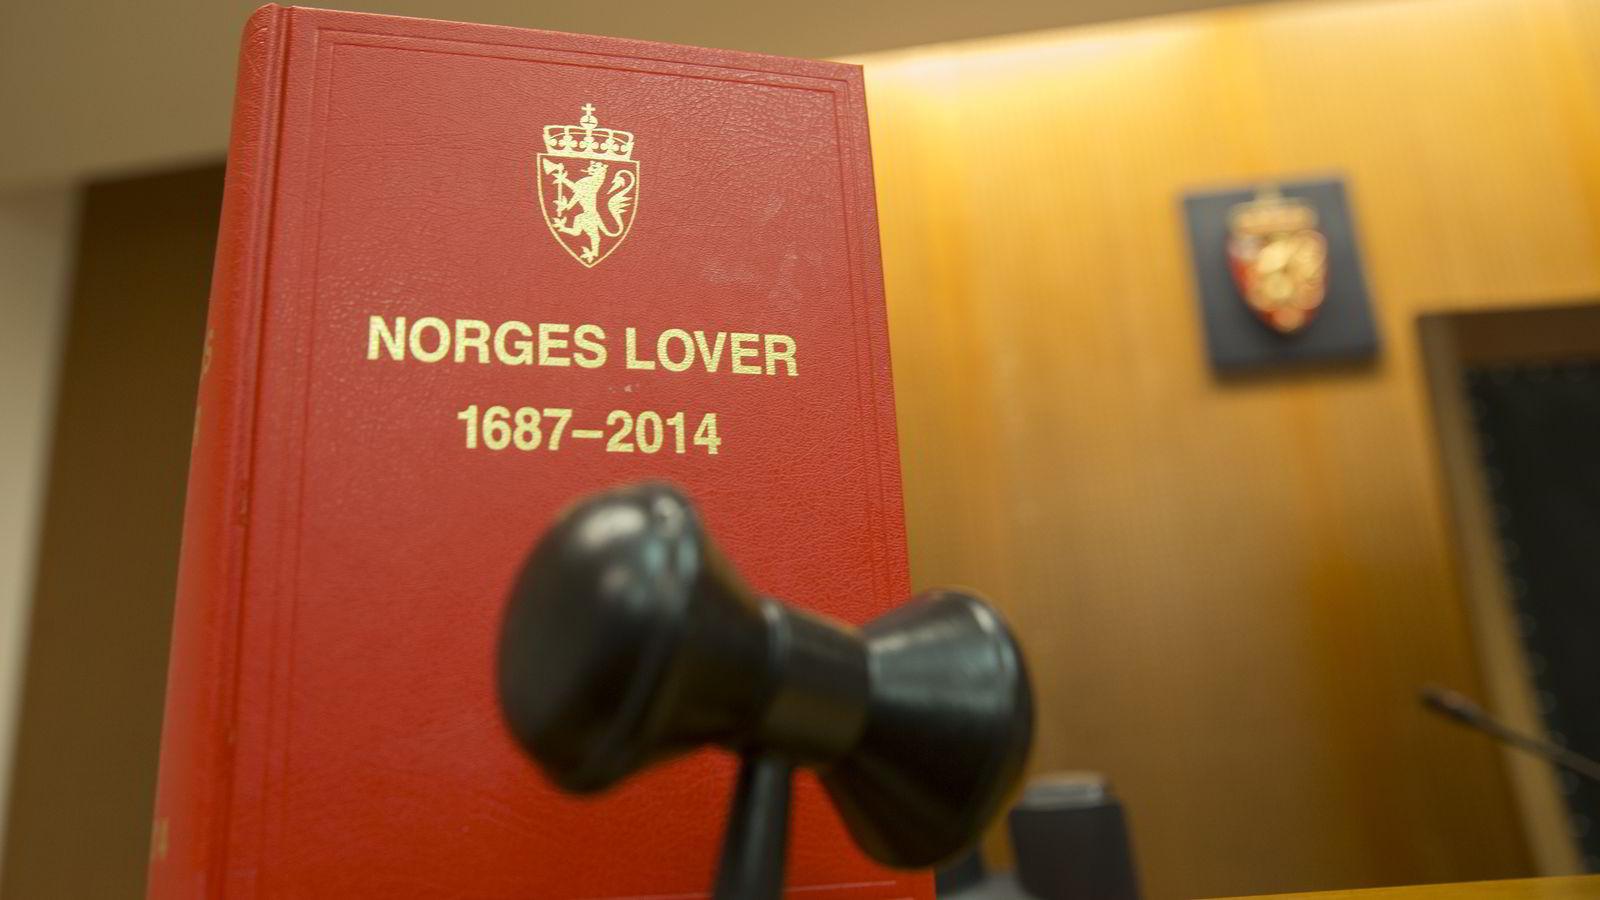 Å ha fått jussen inn med morsmelken kan være lønnsomt, viser ny undersøkelsen. Foto: Terje Pedersen /